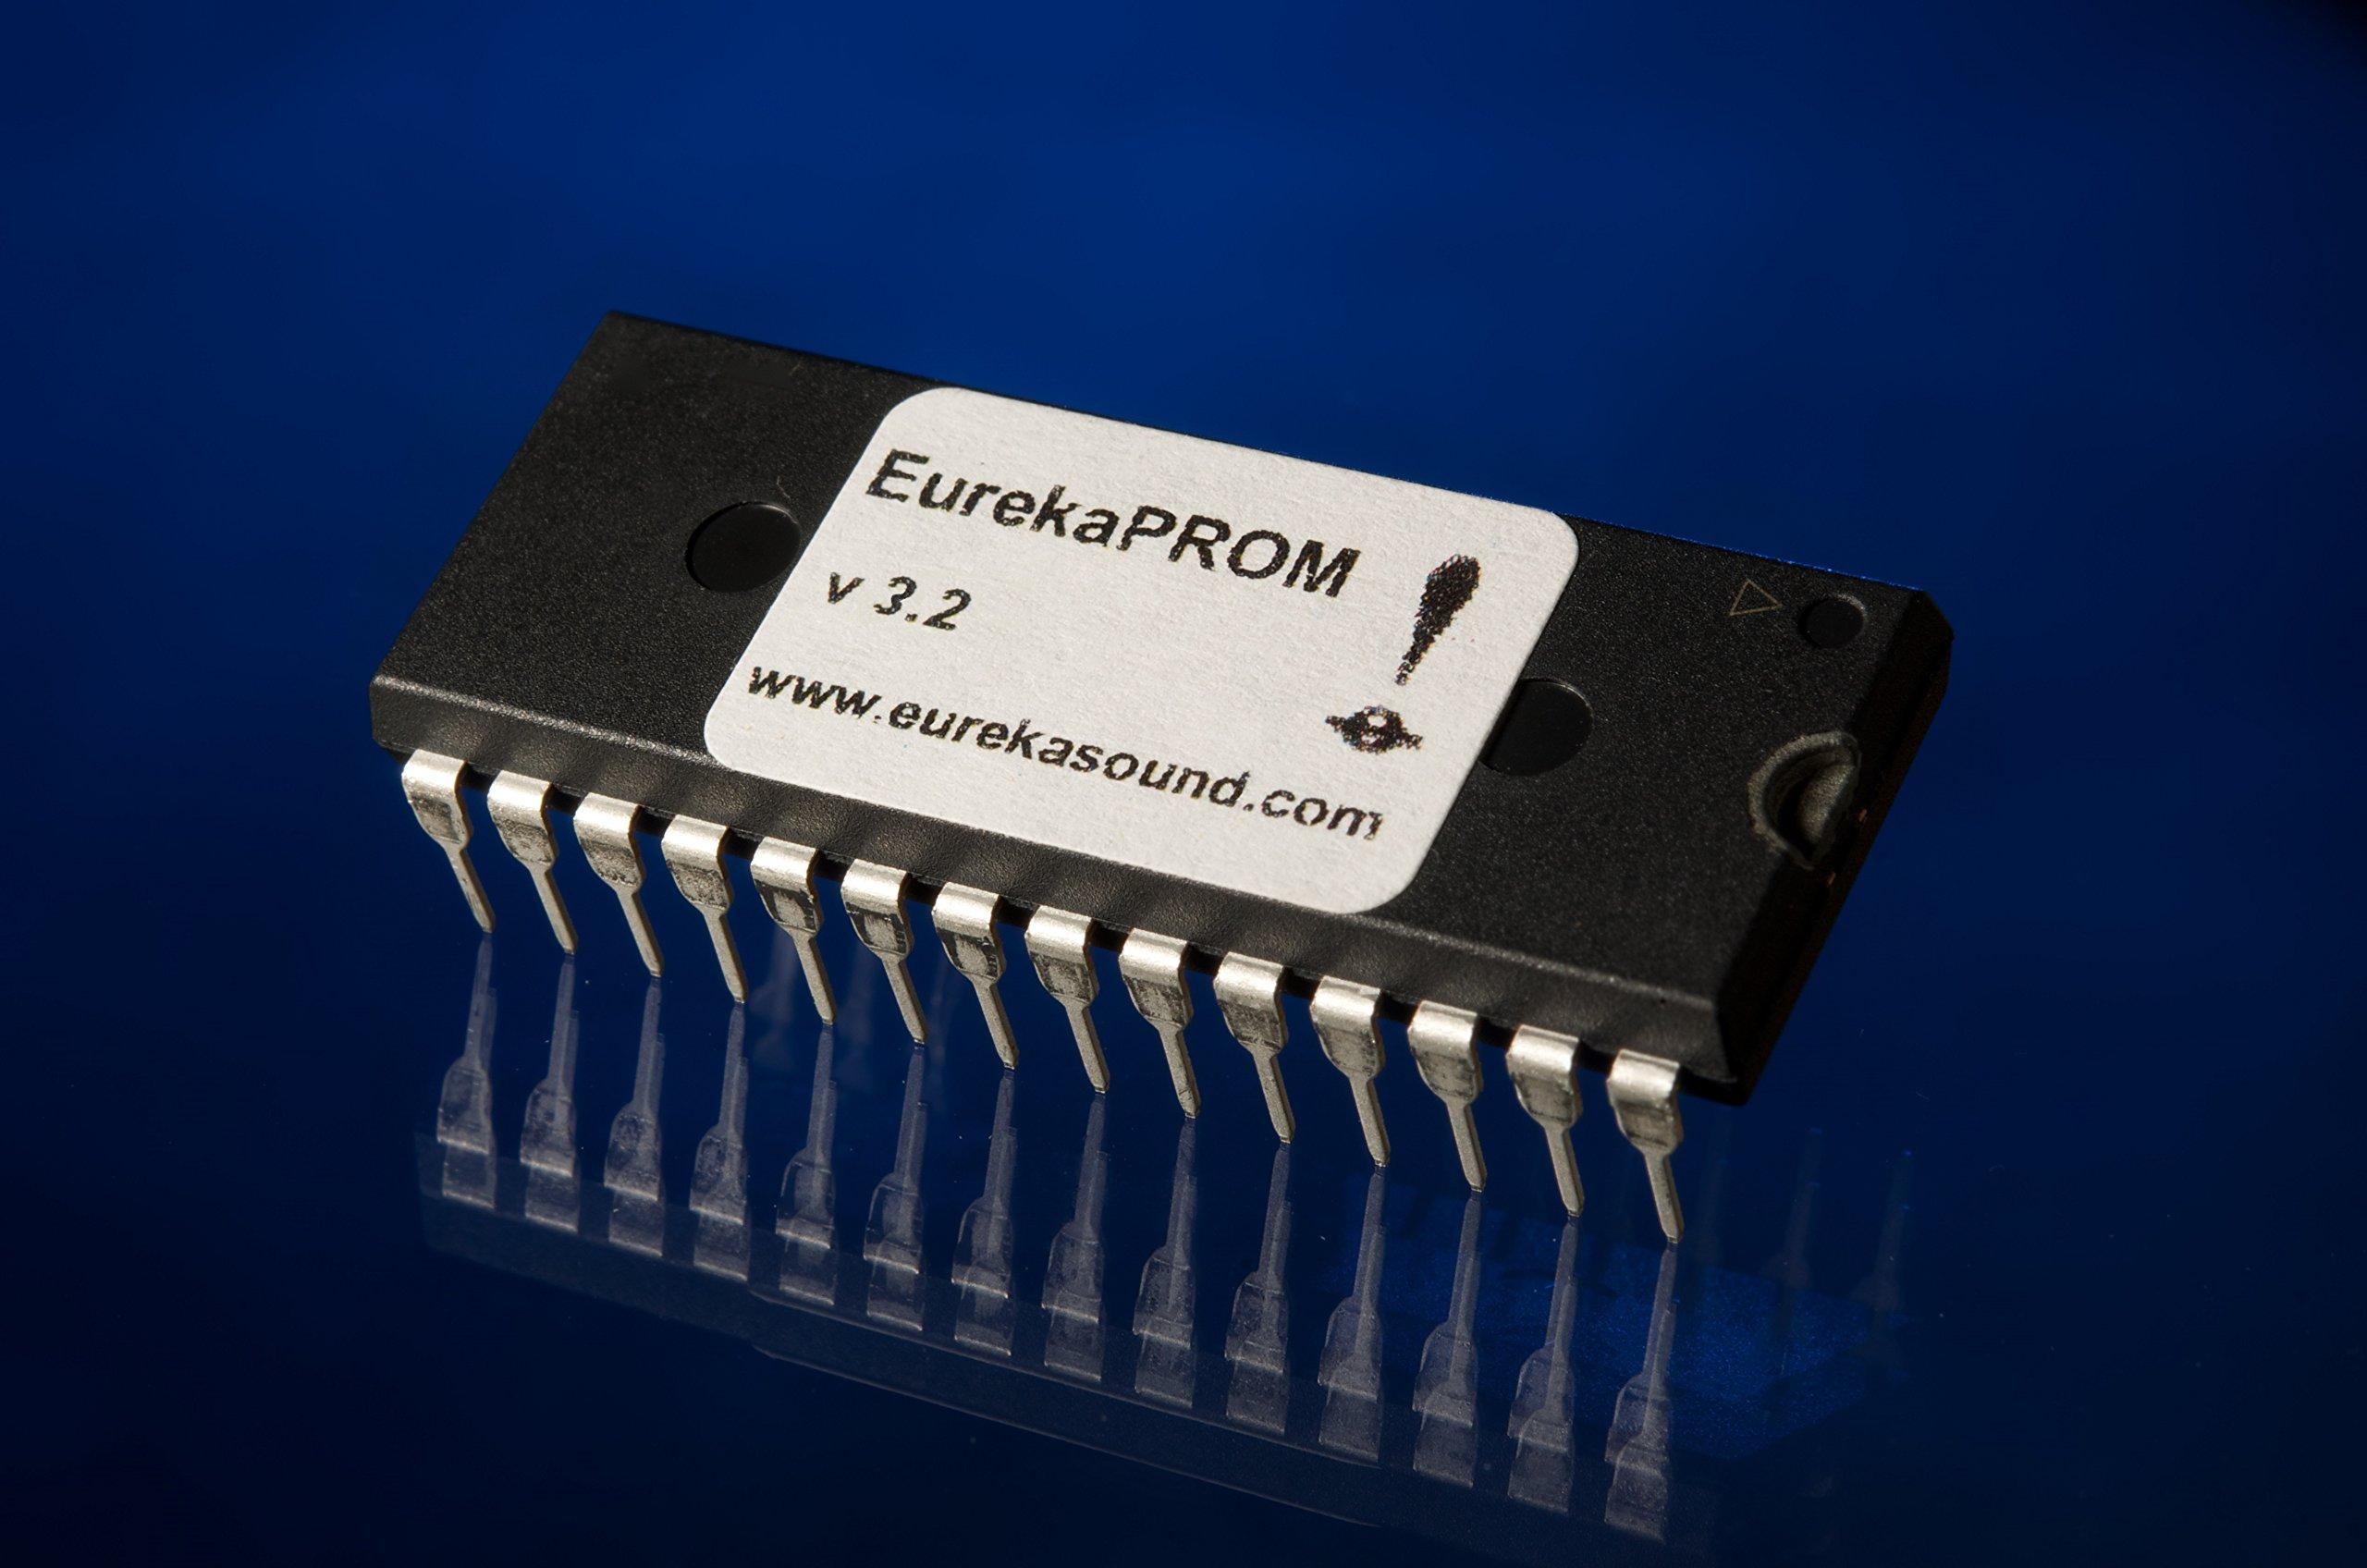 EurekaPROM, EPROM upgrade for the Behringer FCB1010 by EurekaSound LLC